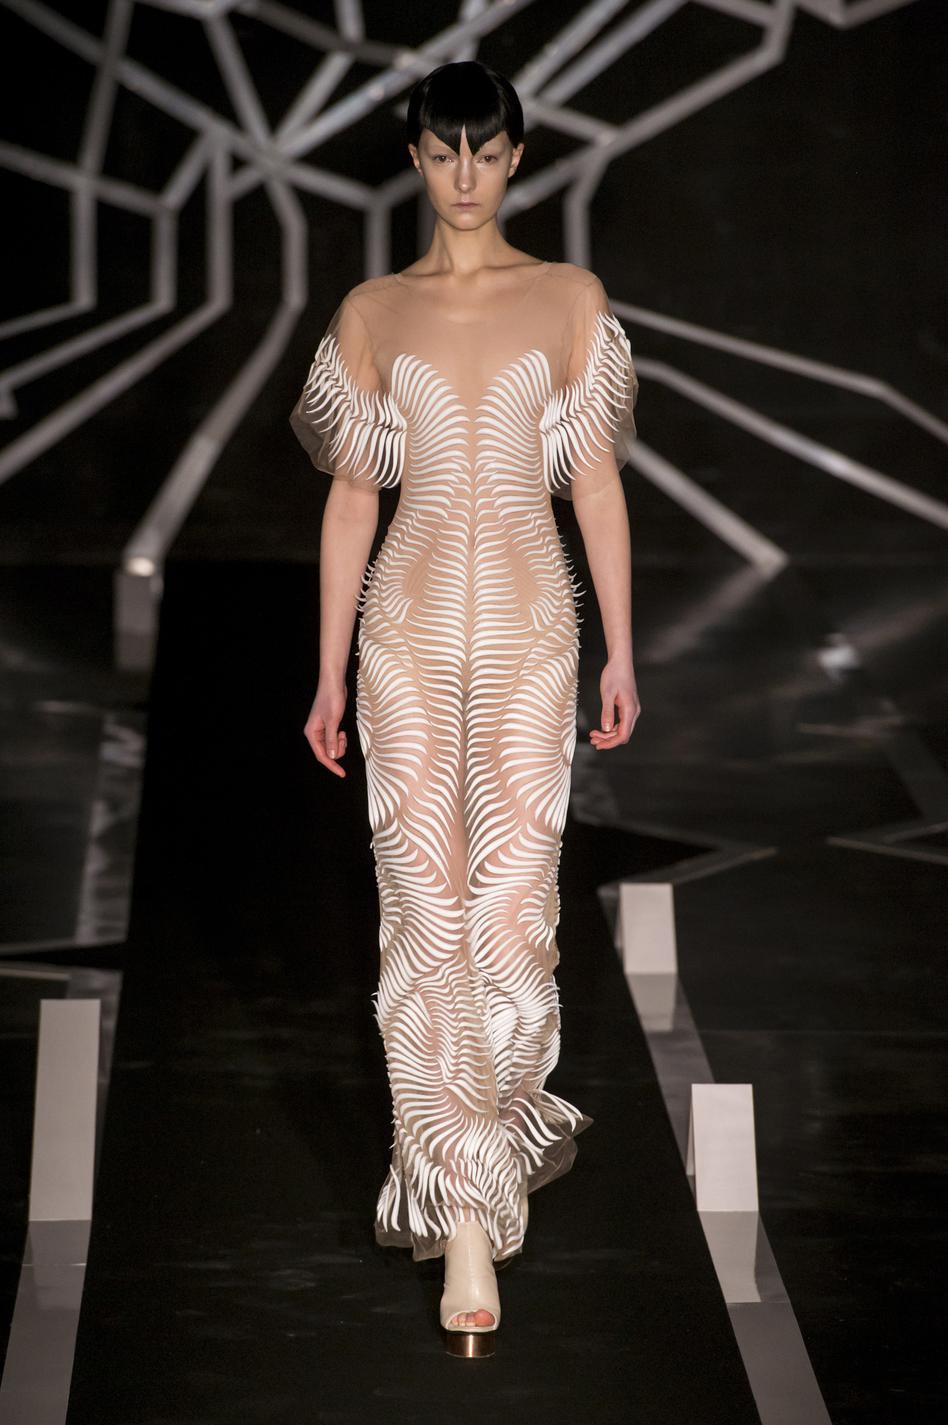 Connu Chanel, Dior, Elie Saab Les plus belles robes couture HQ41